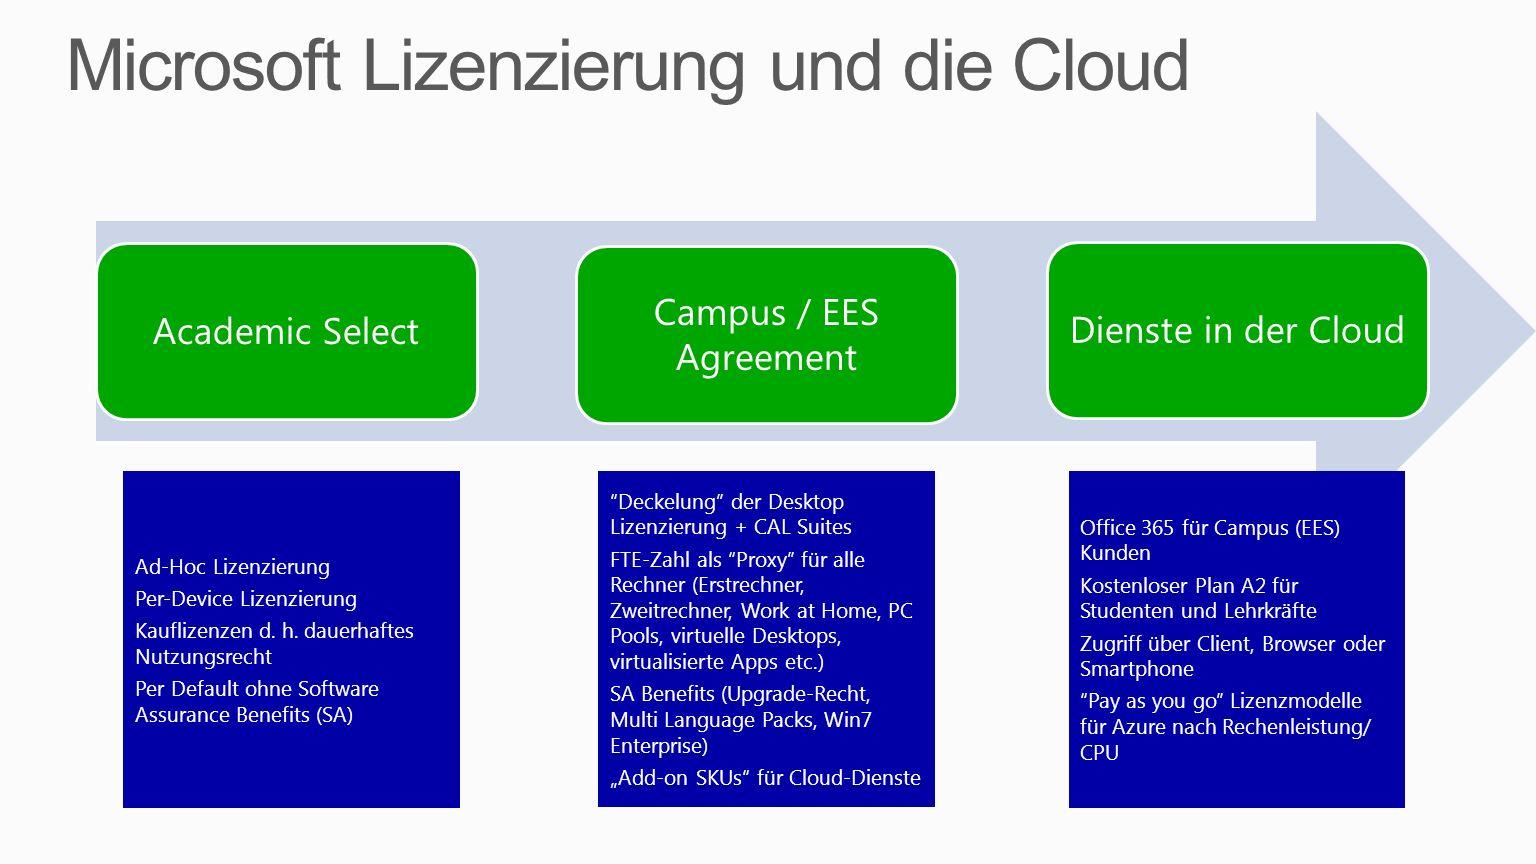 Academic Select Campus / EES Agreement Dienste in der Cloud Ad-Hoc Lizenzierung Per-Device Lizenzierung Kauflizenzen d. h. dauerhaftes Nutzungsrecht P